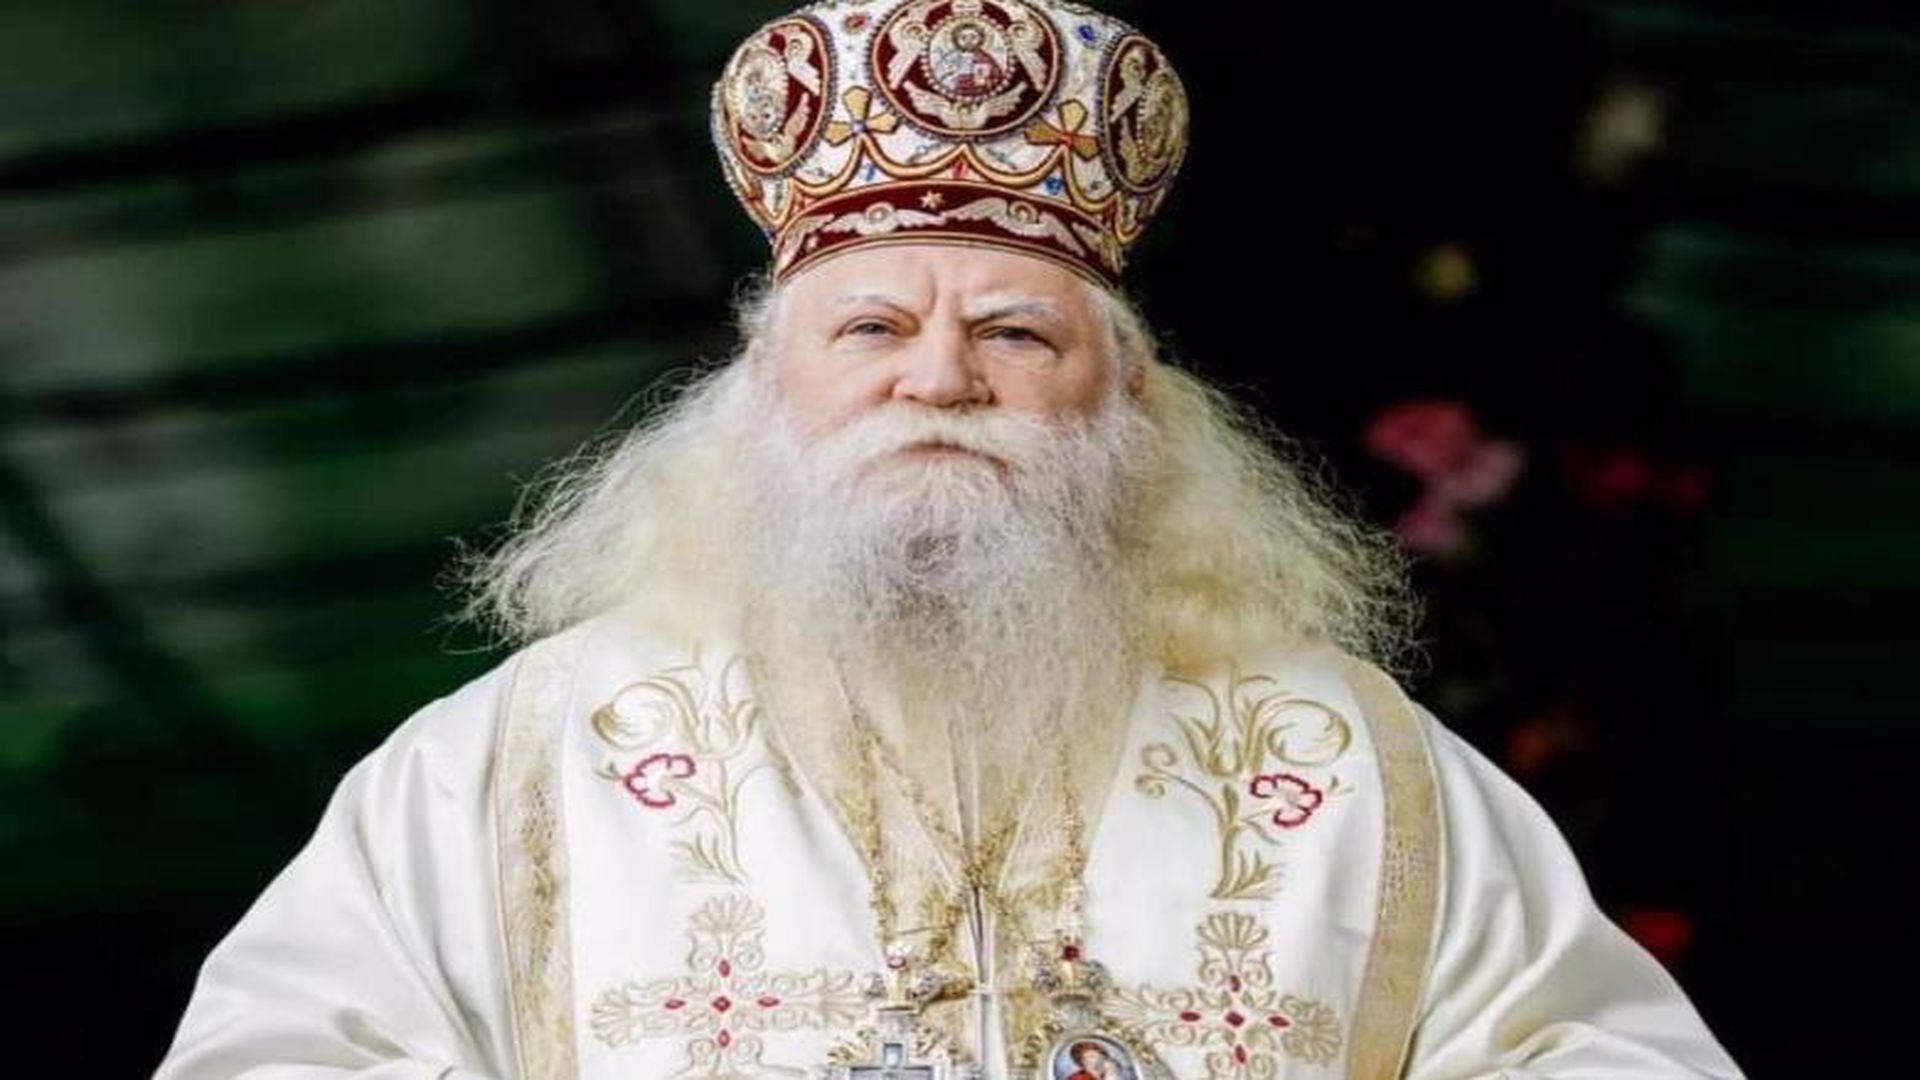 A fost ales în secret noul arhiepiscop al Sucevei și Rădăuților, după moartea ÎPS Pimen